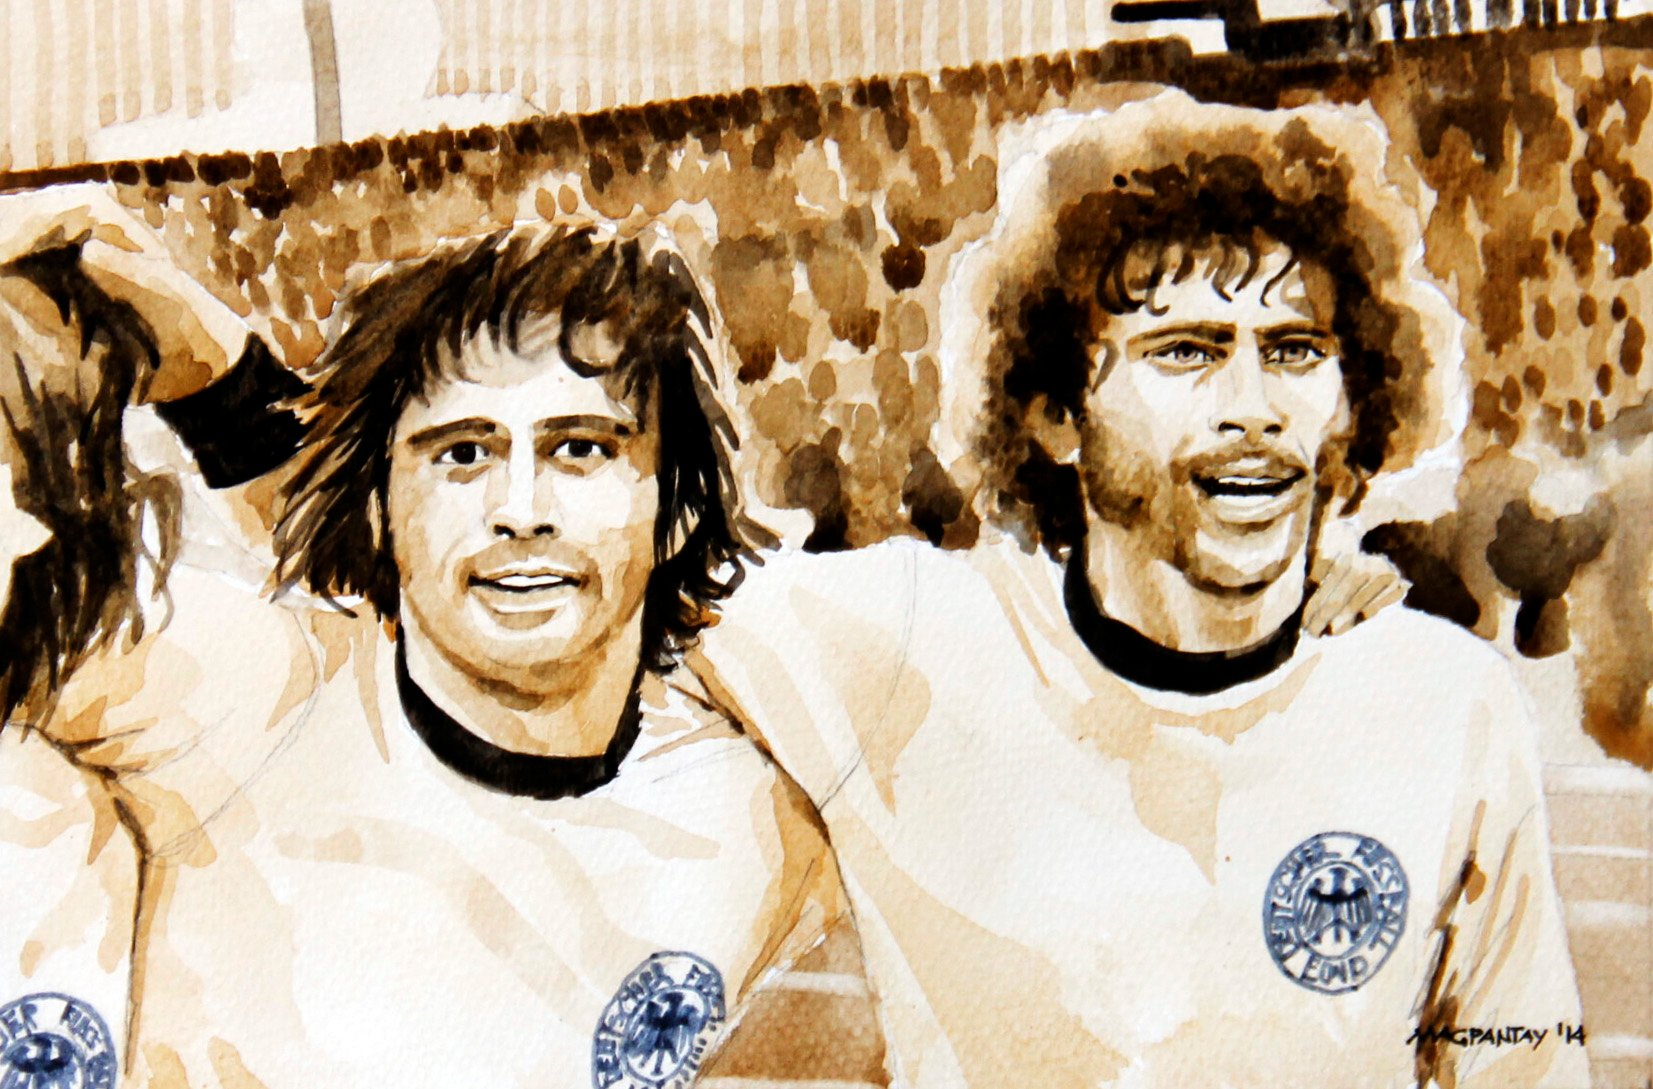 Weltmeisterschaft 1974 Als Der Terrier Den Besten Spieler